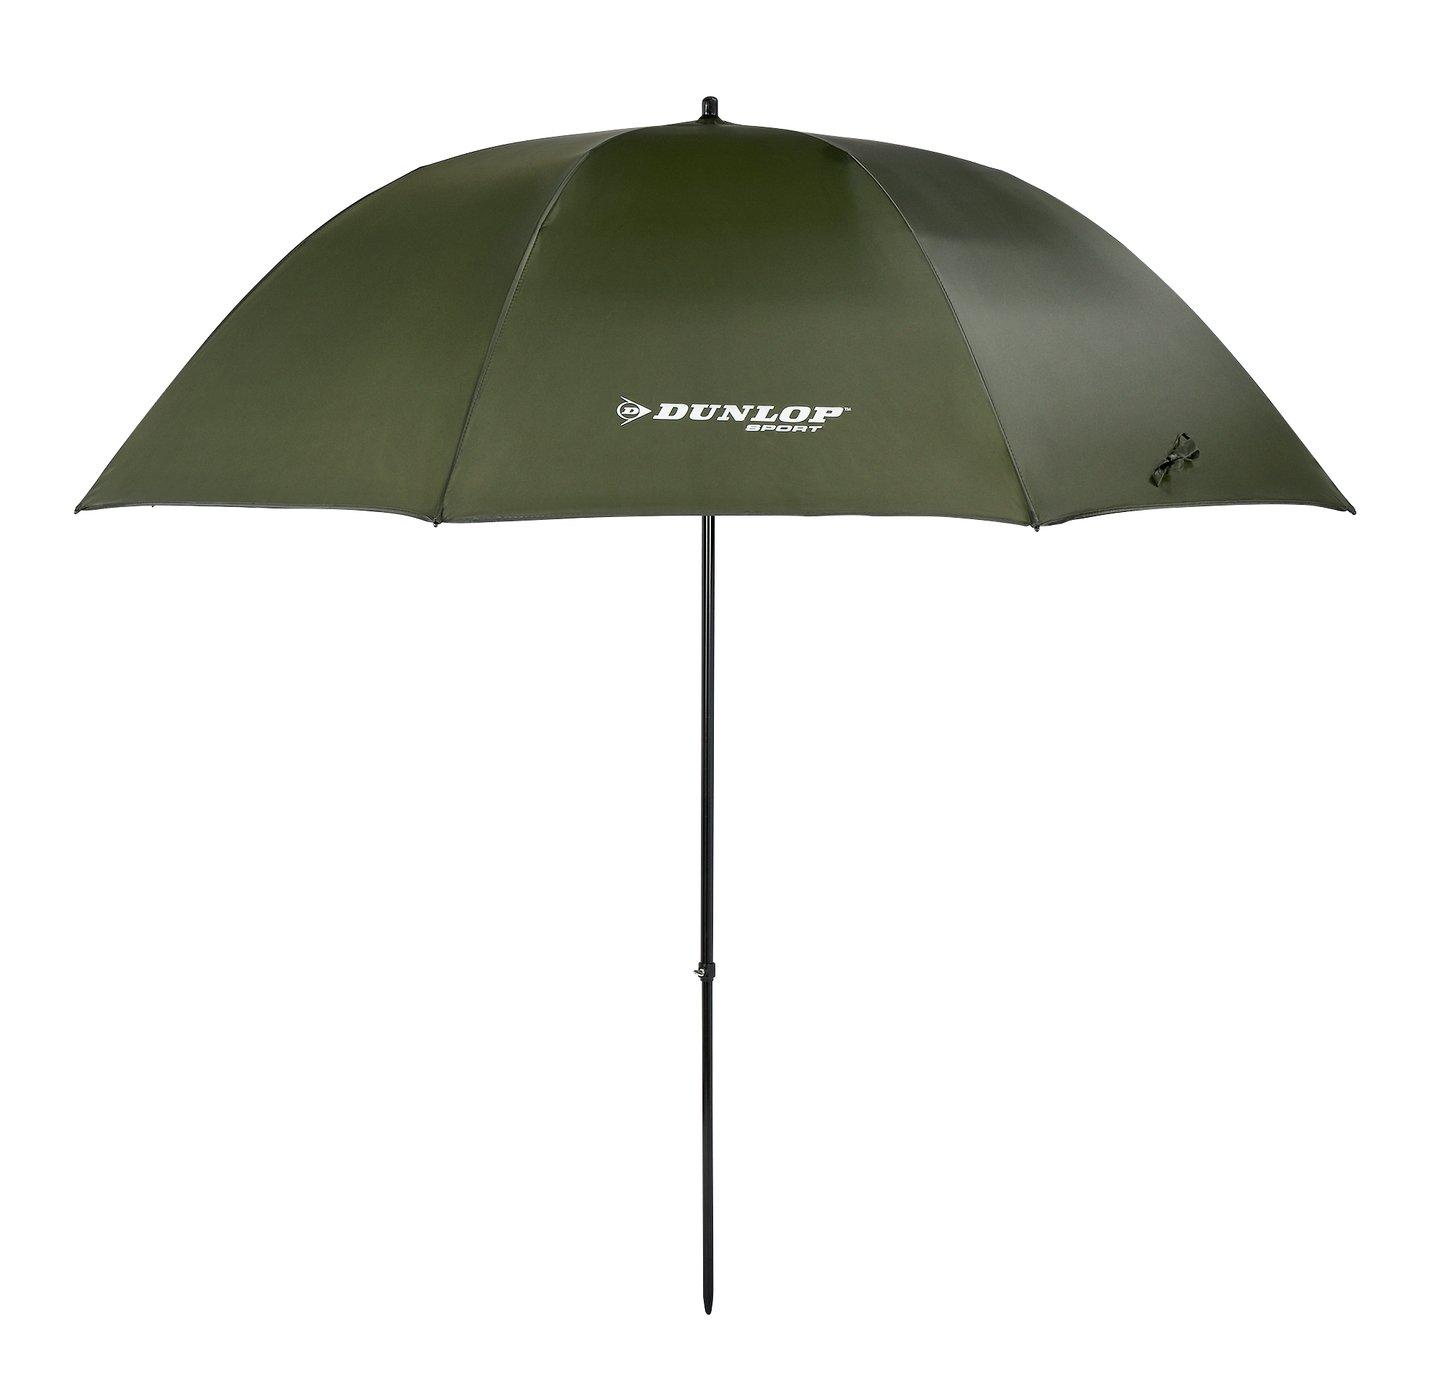 Dunlop Fishing 2.5 Large Umbrella